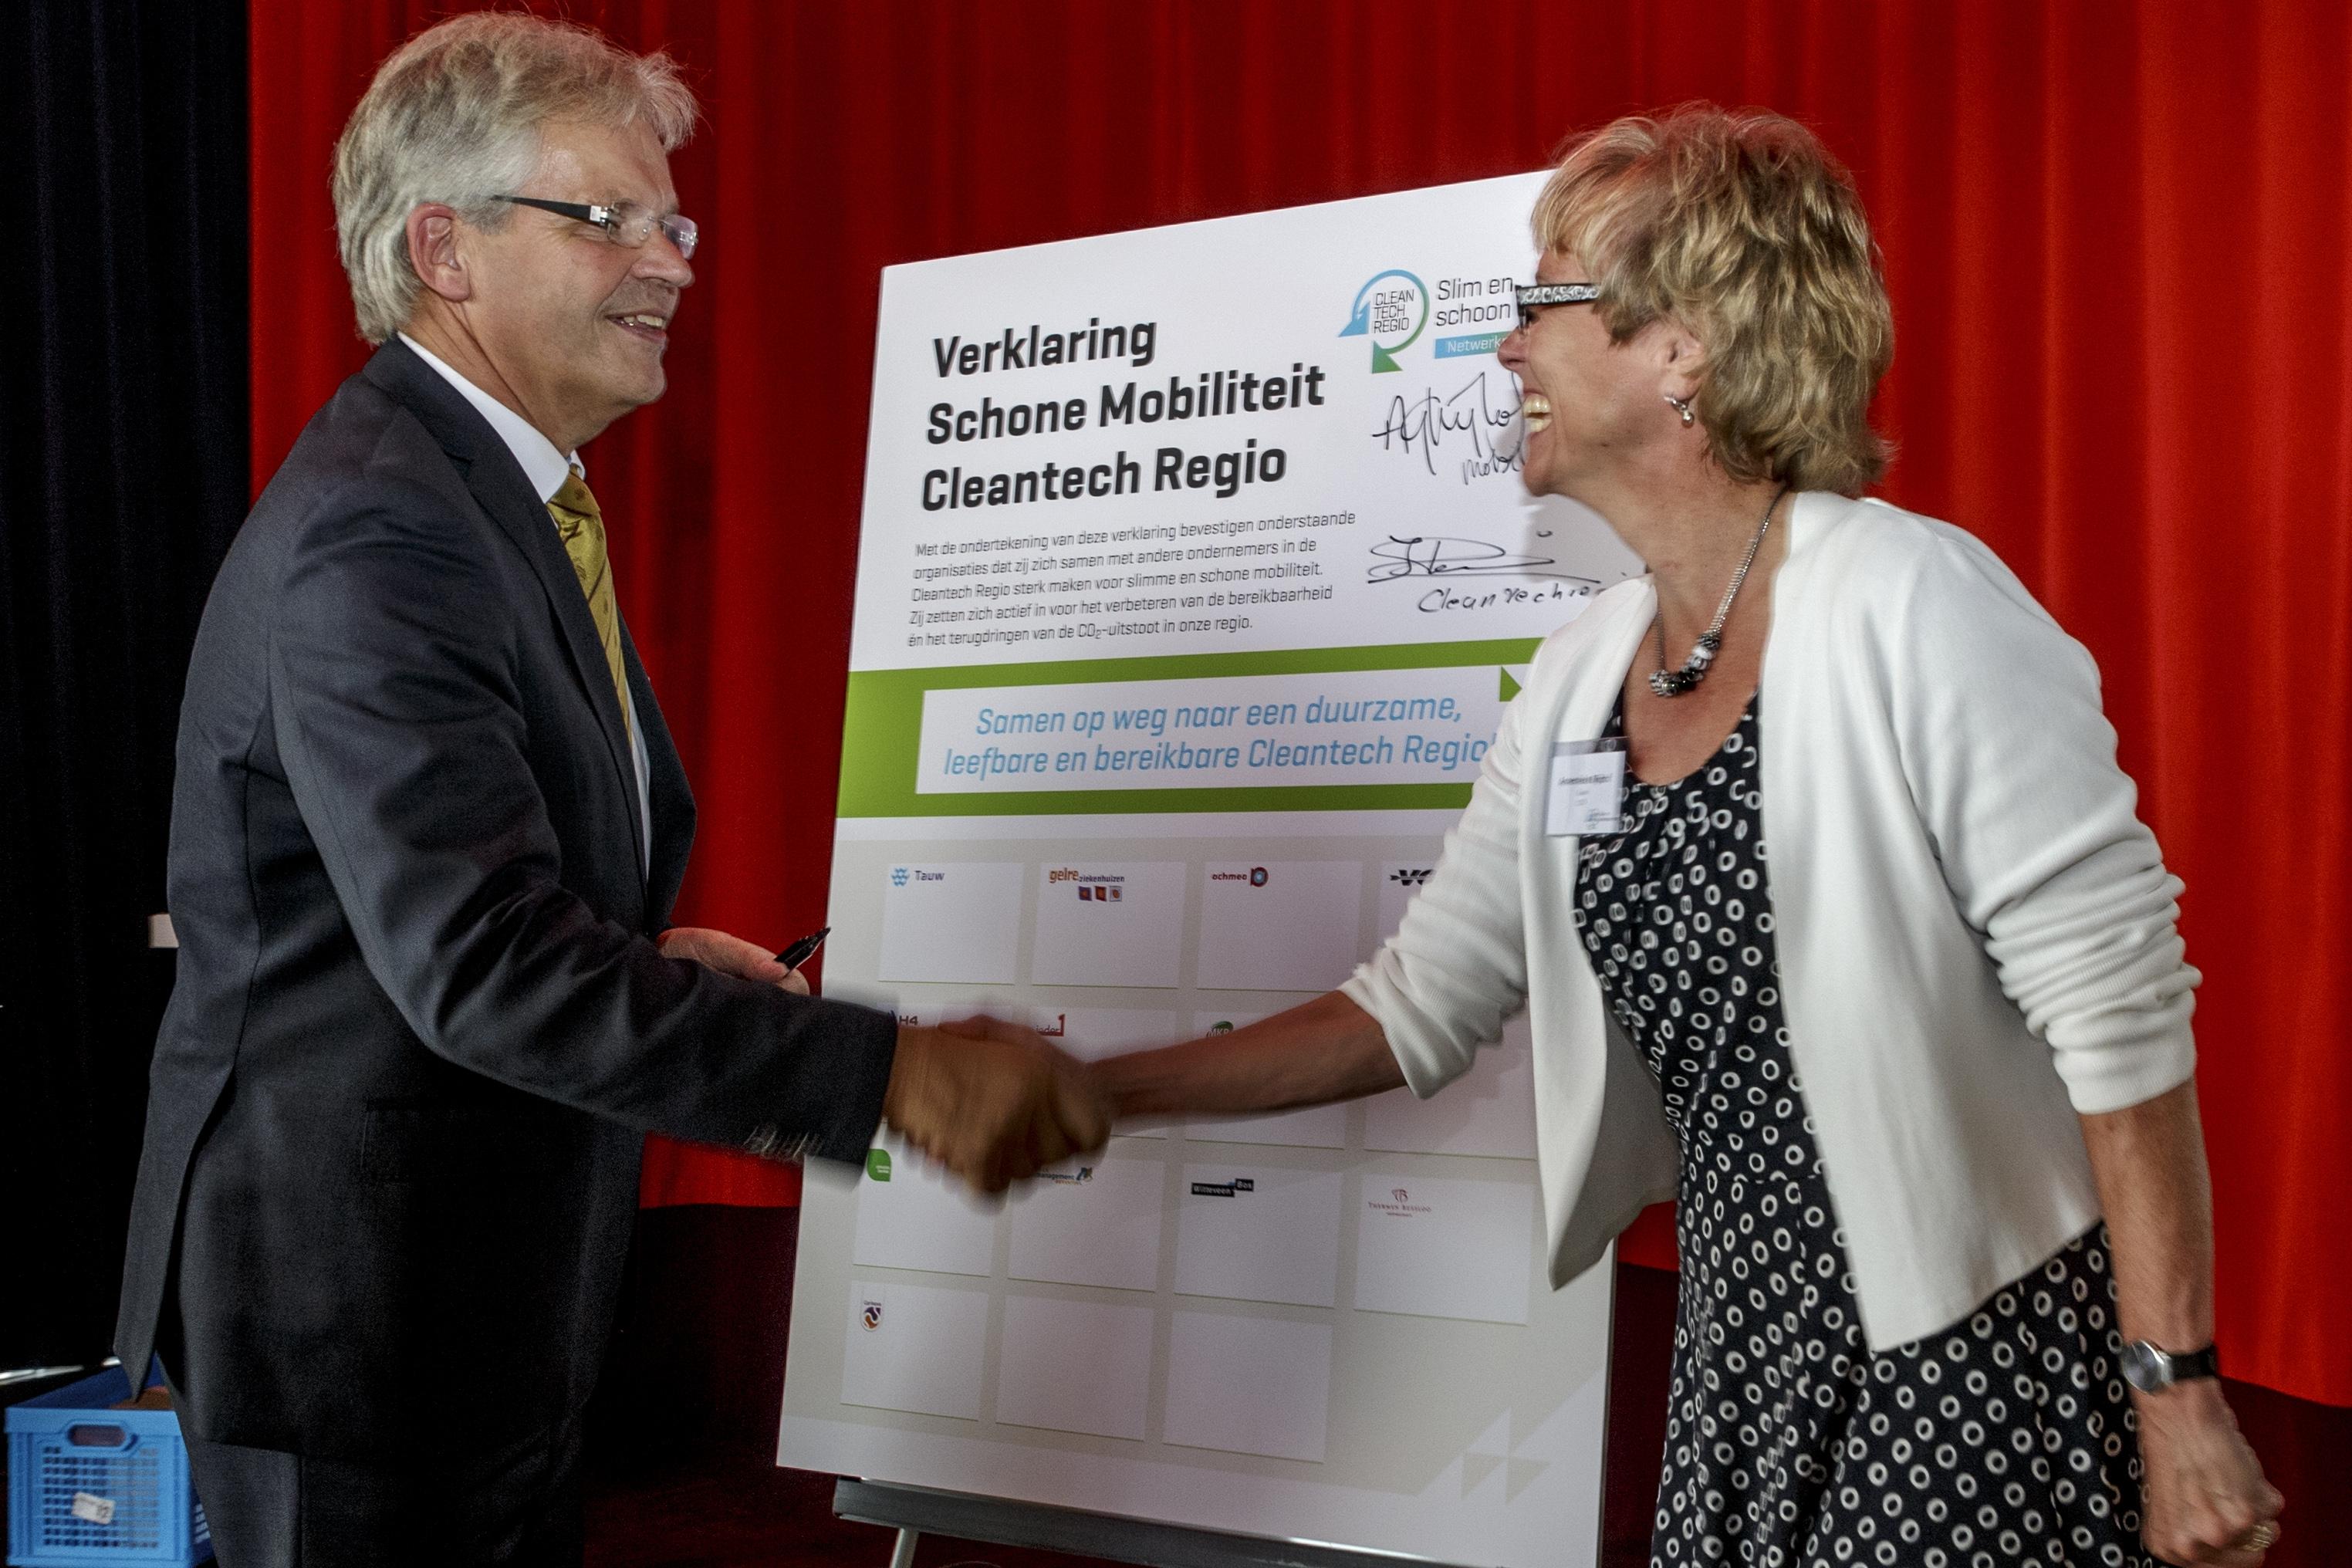 Bedrijven Cleantech Regio gaan voor slimme en schone mobiliteit